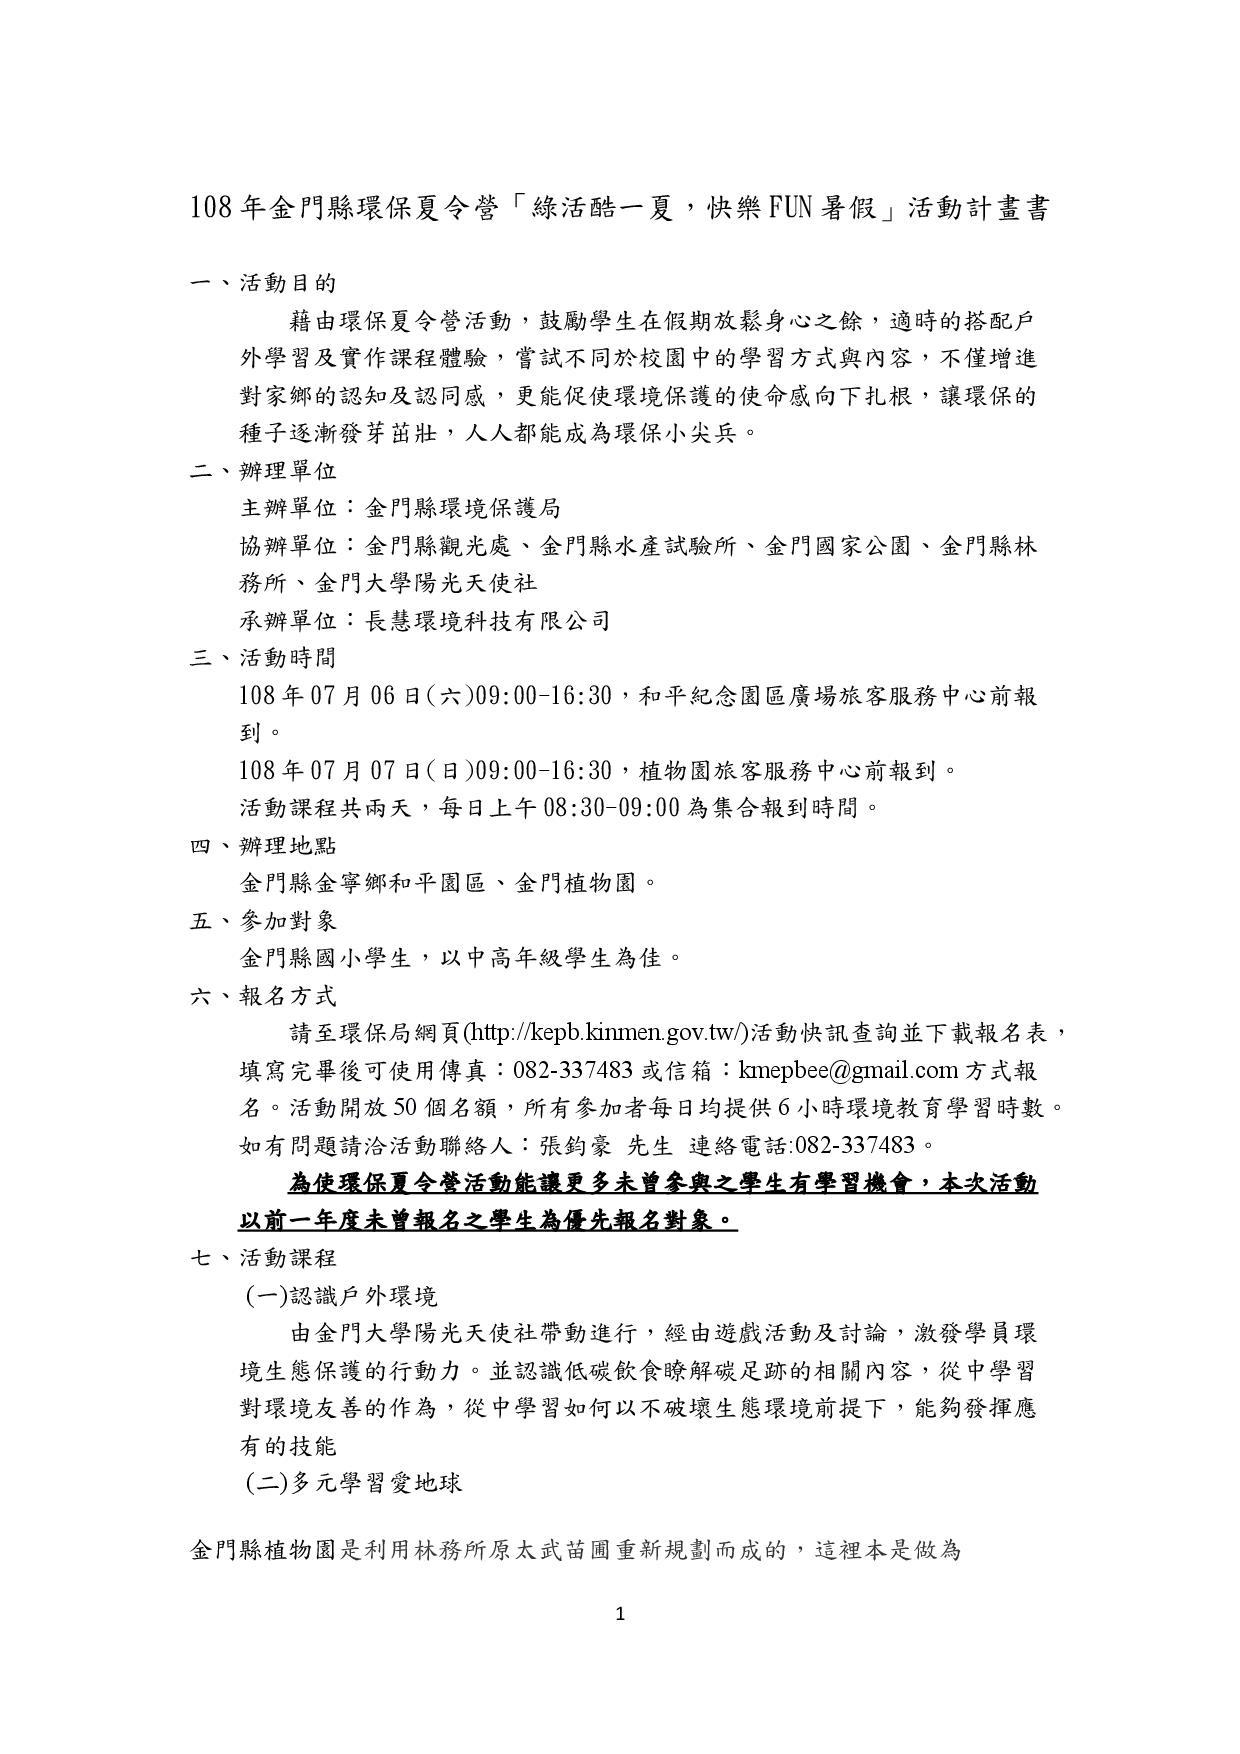 108年金門縣環保夏令營「綠活酷一夏,快樂FUN暑假」活動計畫書v1